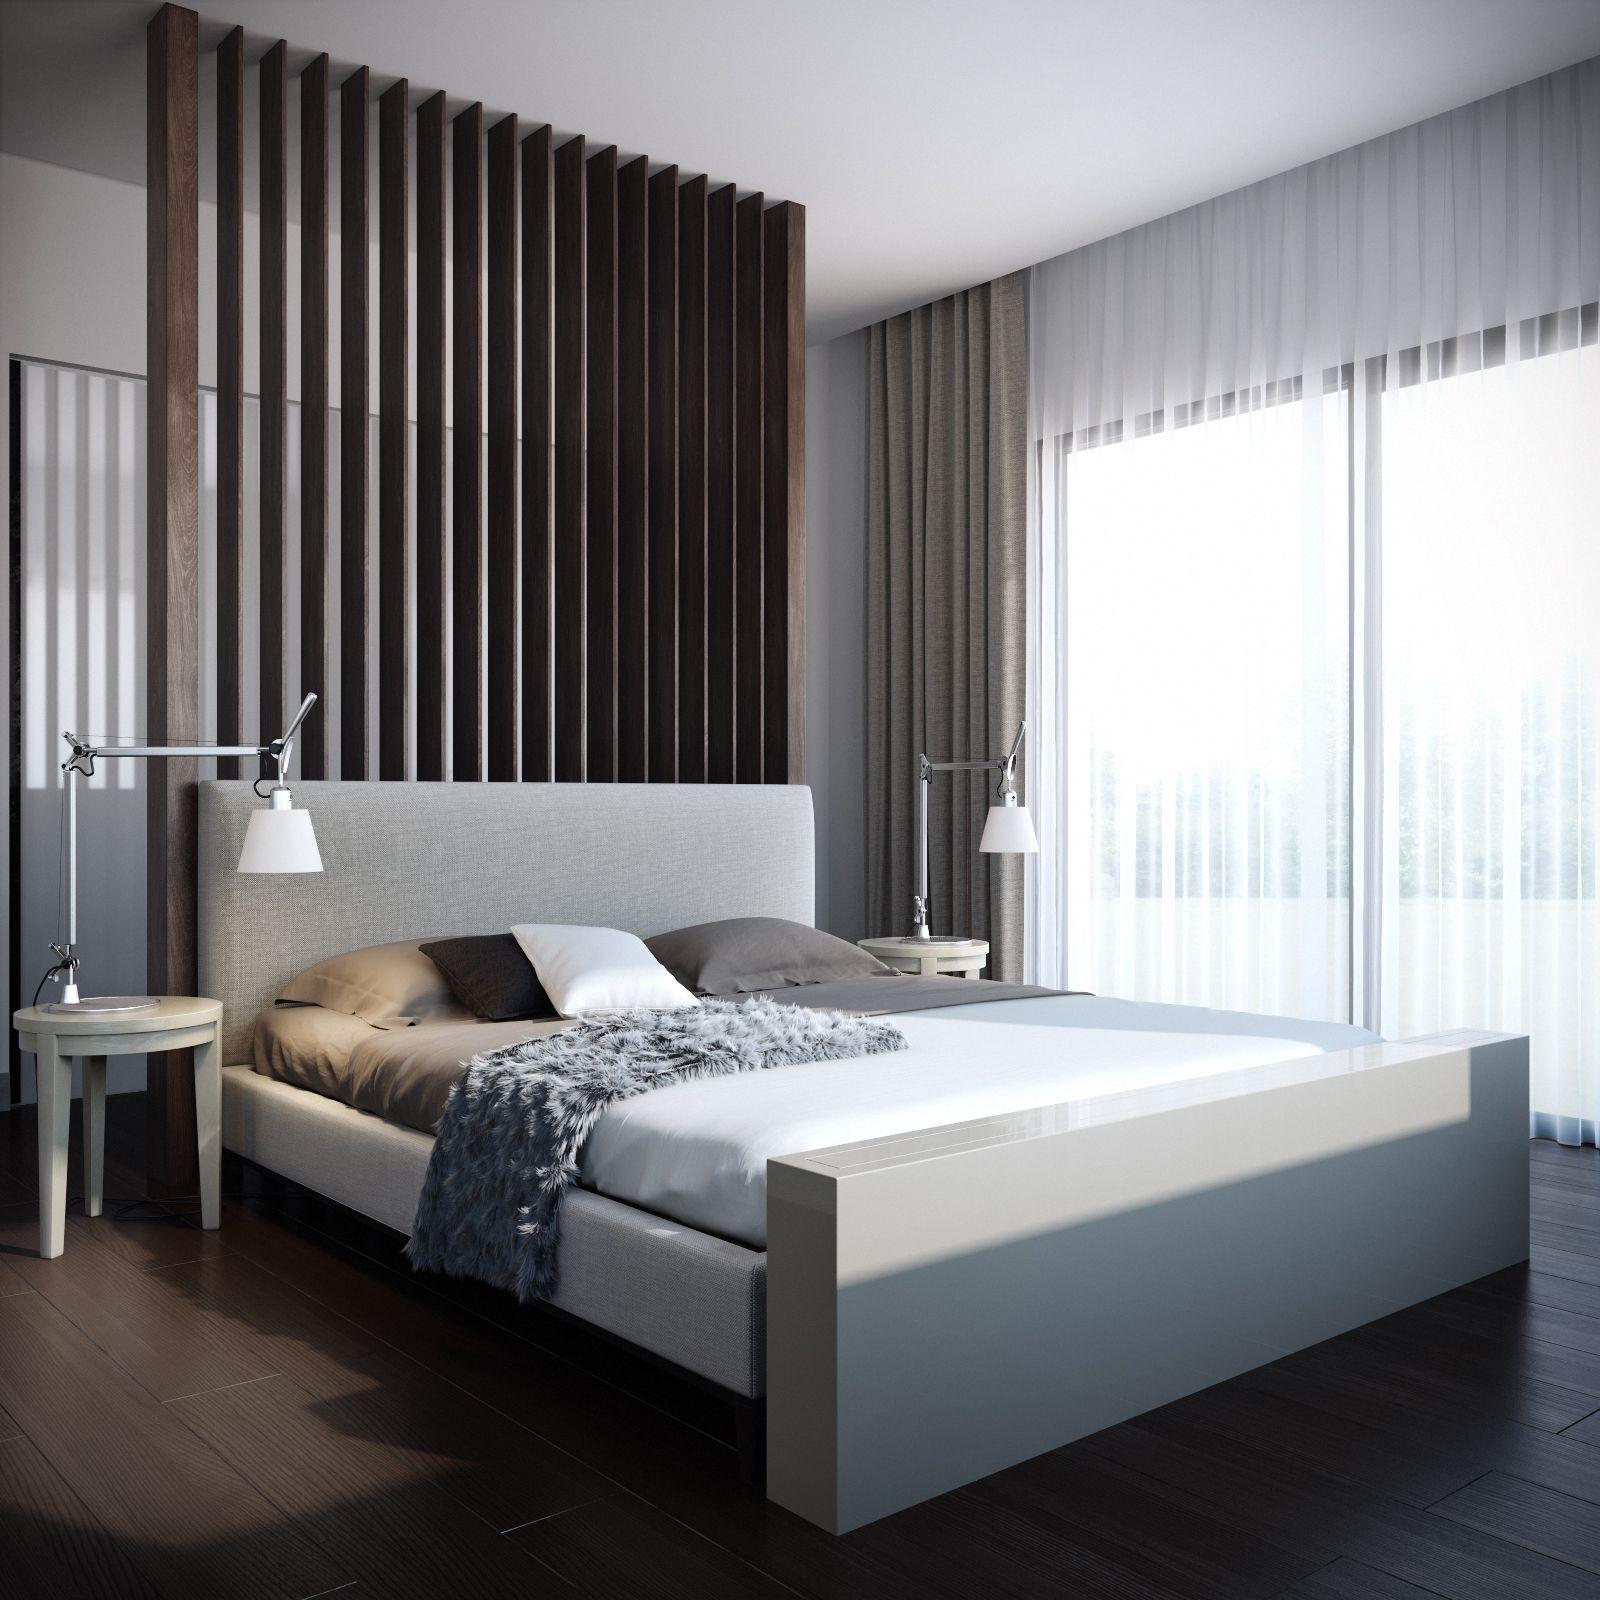 Http://www.bolotkinvladimir.com/2013/01/bedroom.html